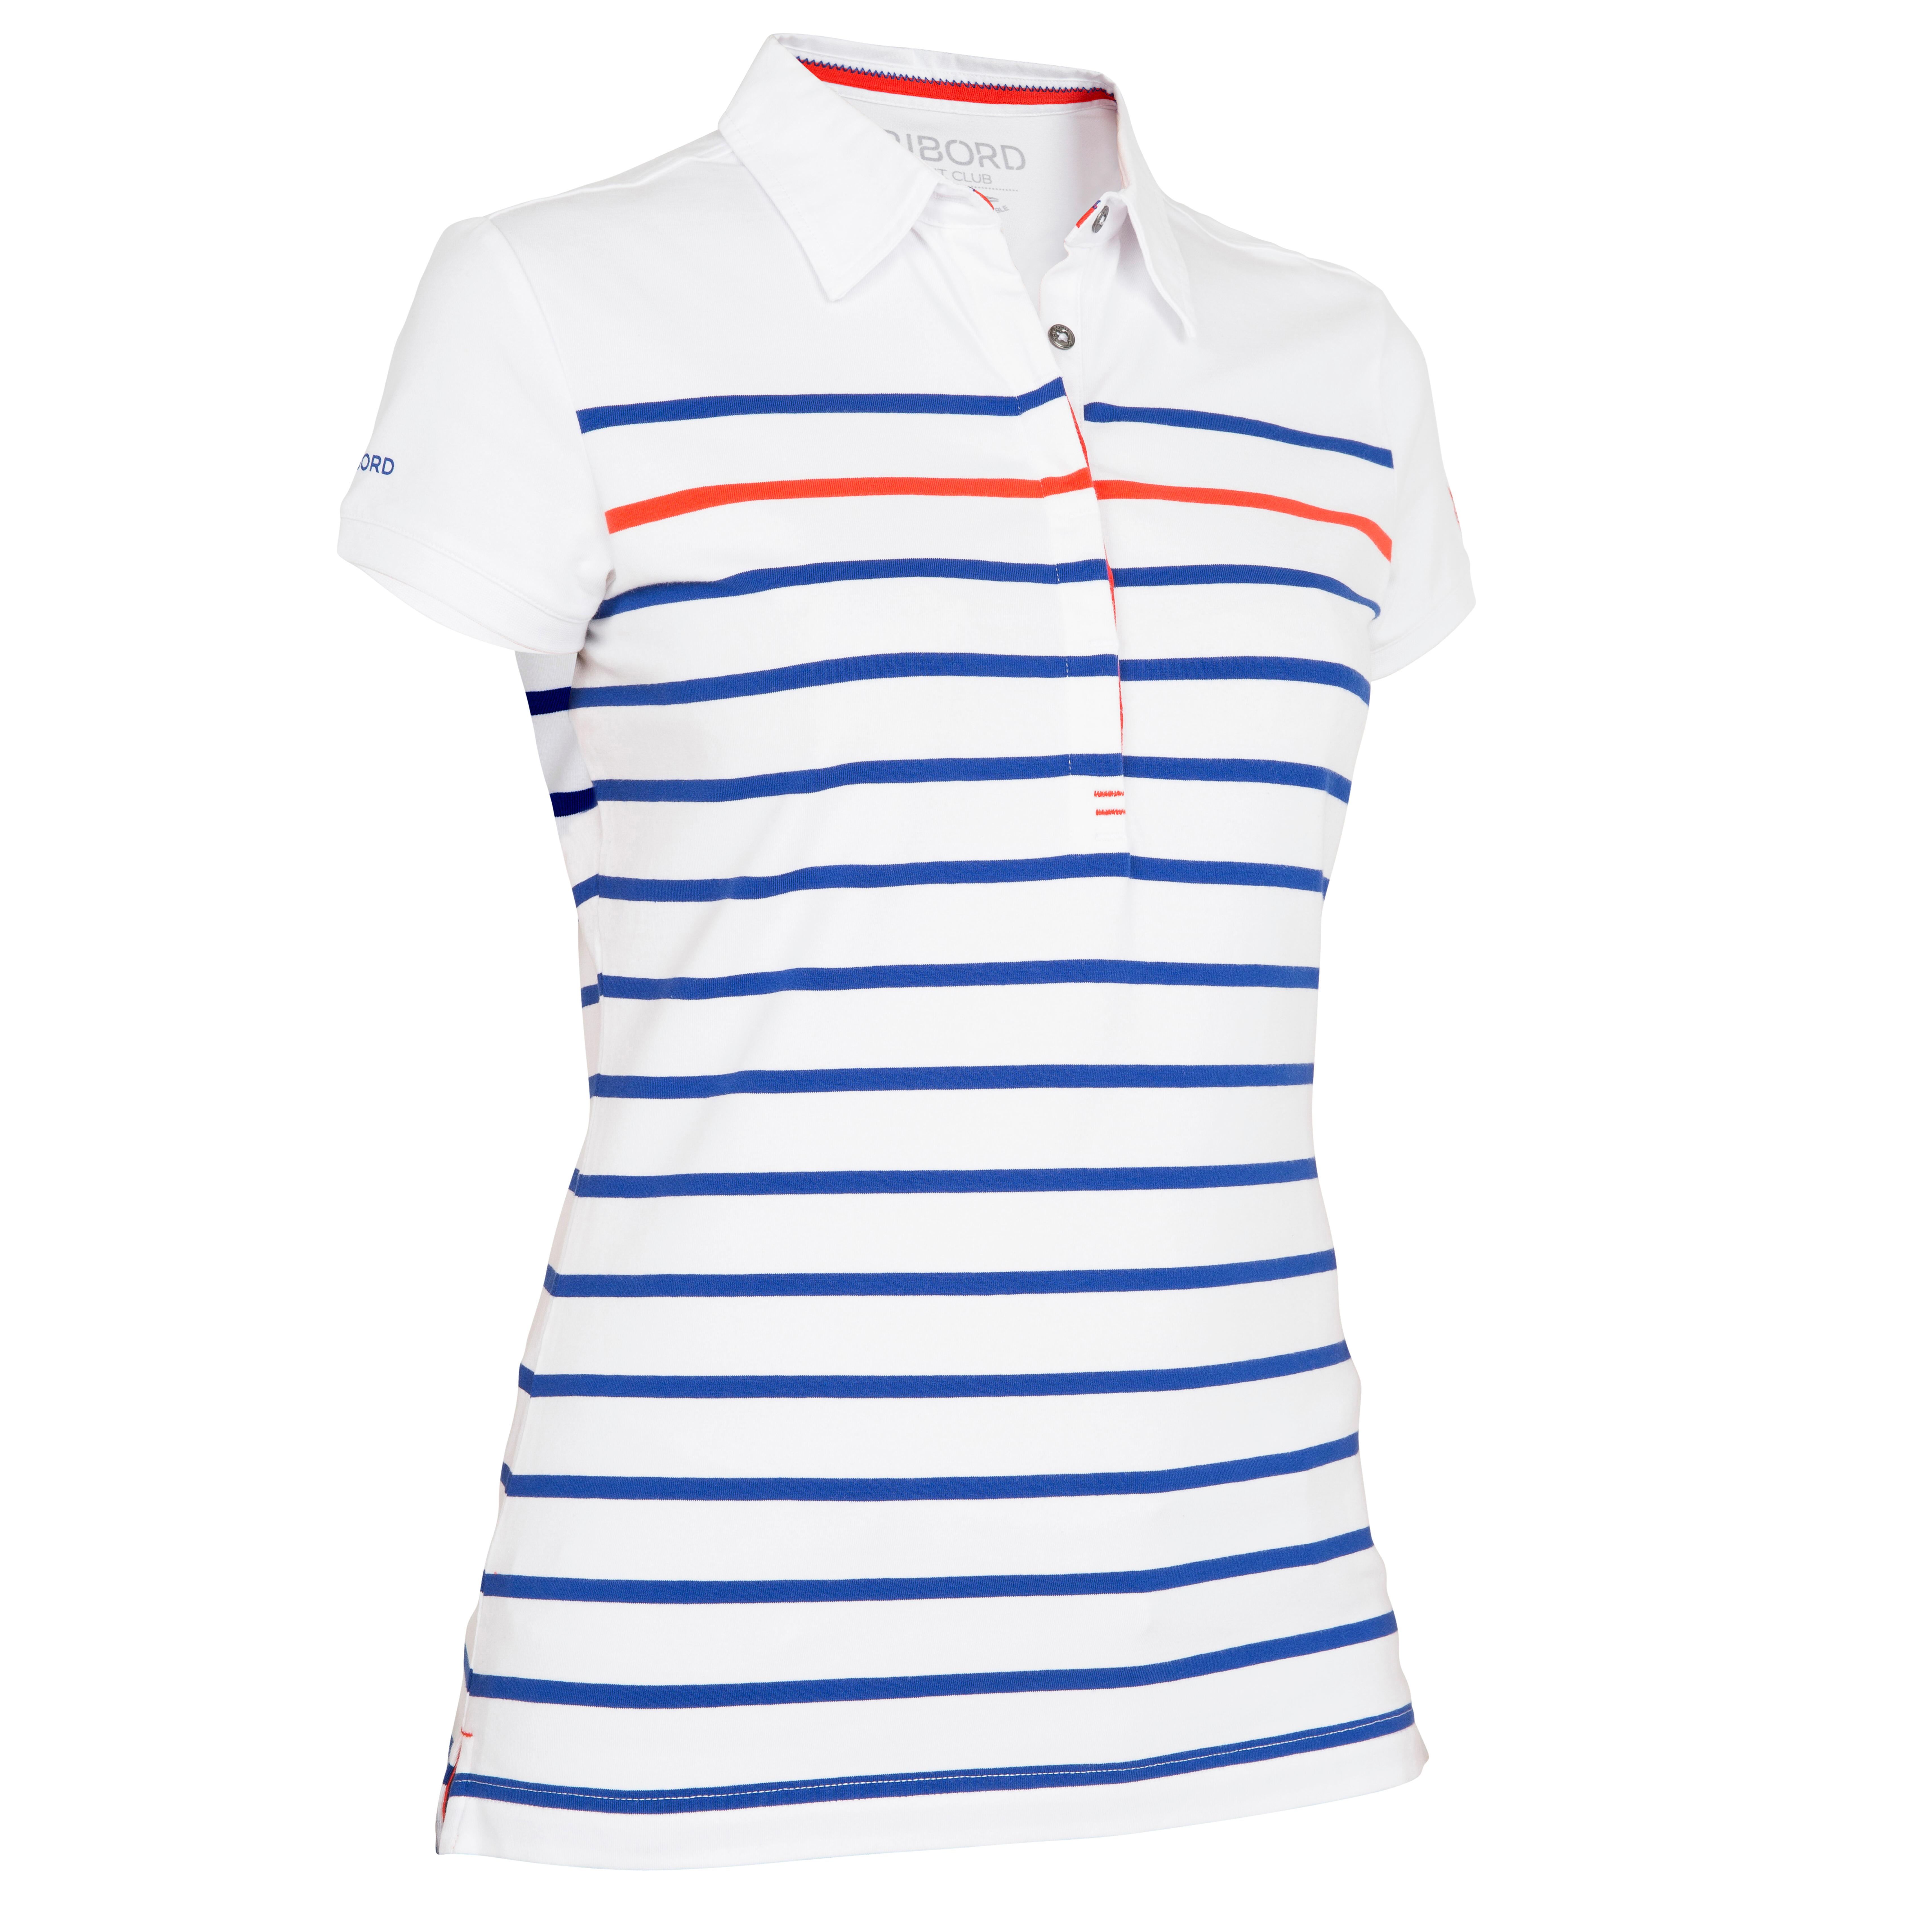 792531ceea Poloshirts für Damen online kaufen | Damenmode-Suchmaschine ...